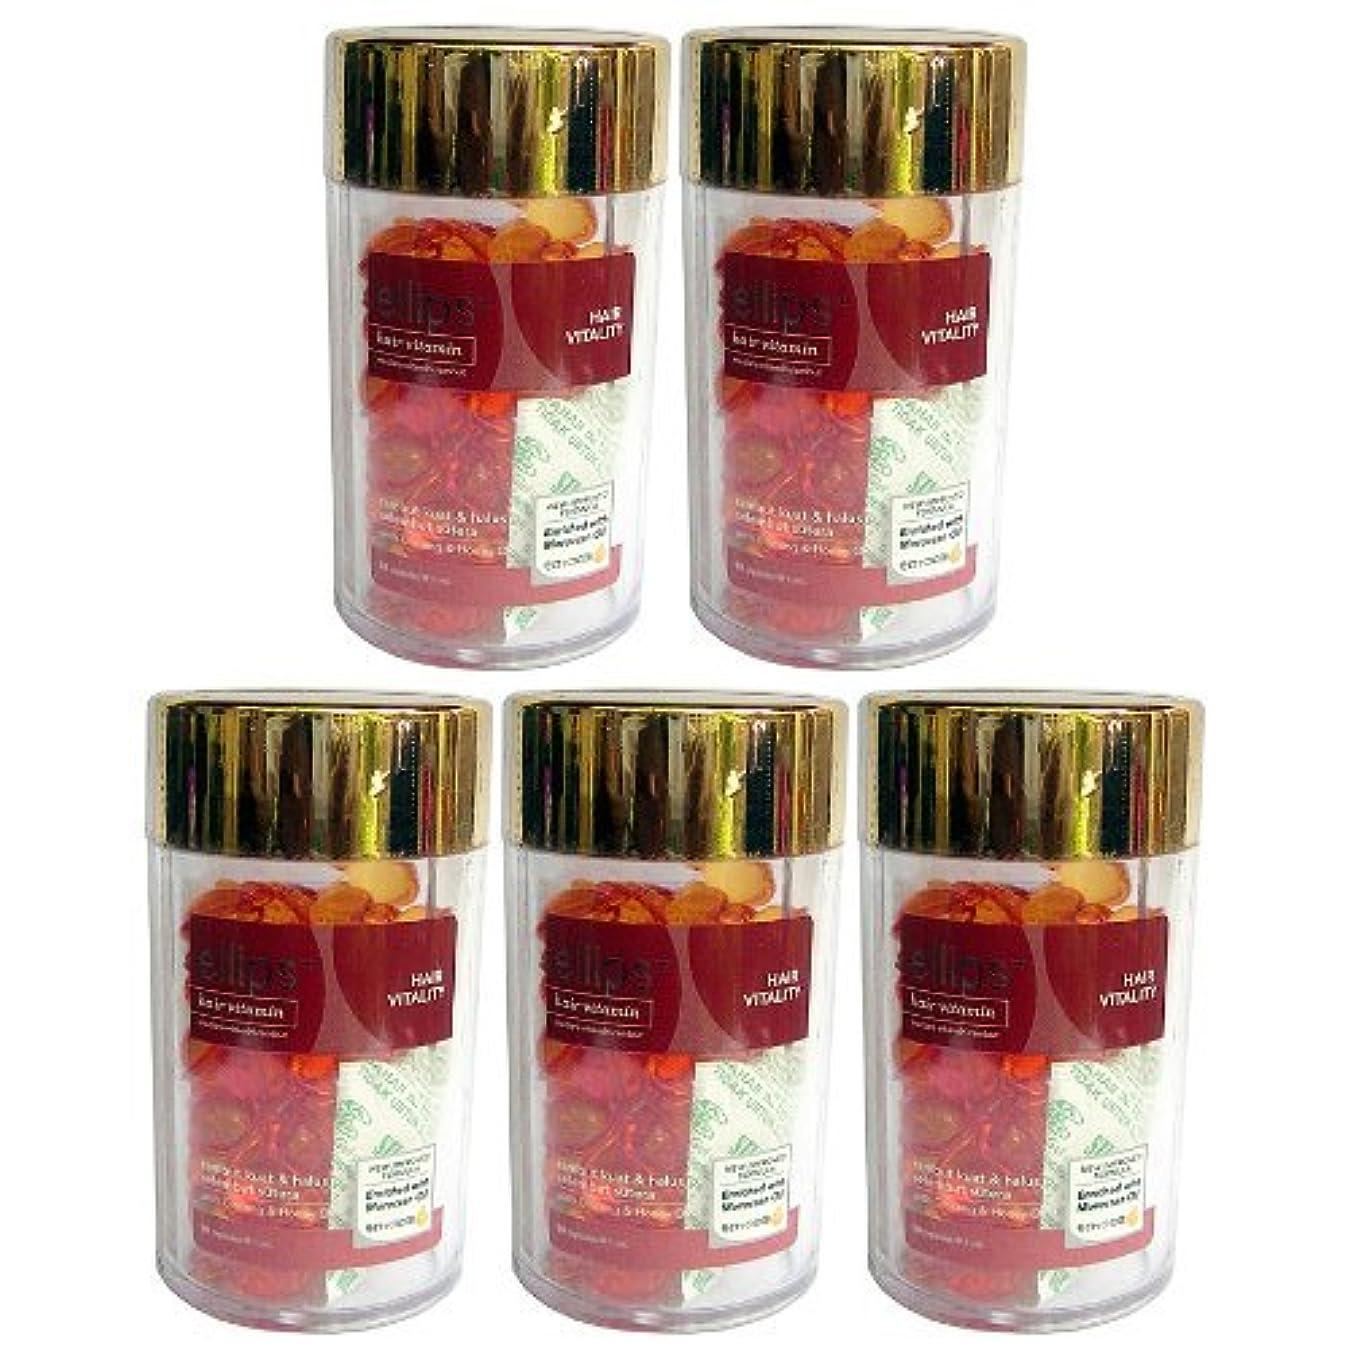 宝新しさ後悔エリップスellipsヘアビタミン洗い流さないヘアトリートメント50粒入ボトル5本組(海外直送品)(並行輸入品) (オレンジ5本)